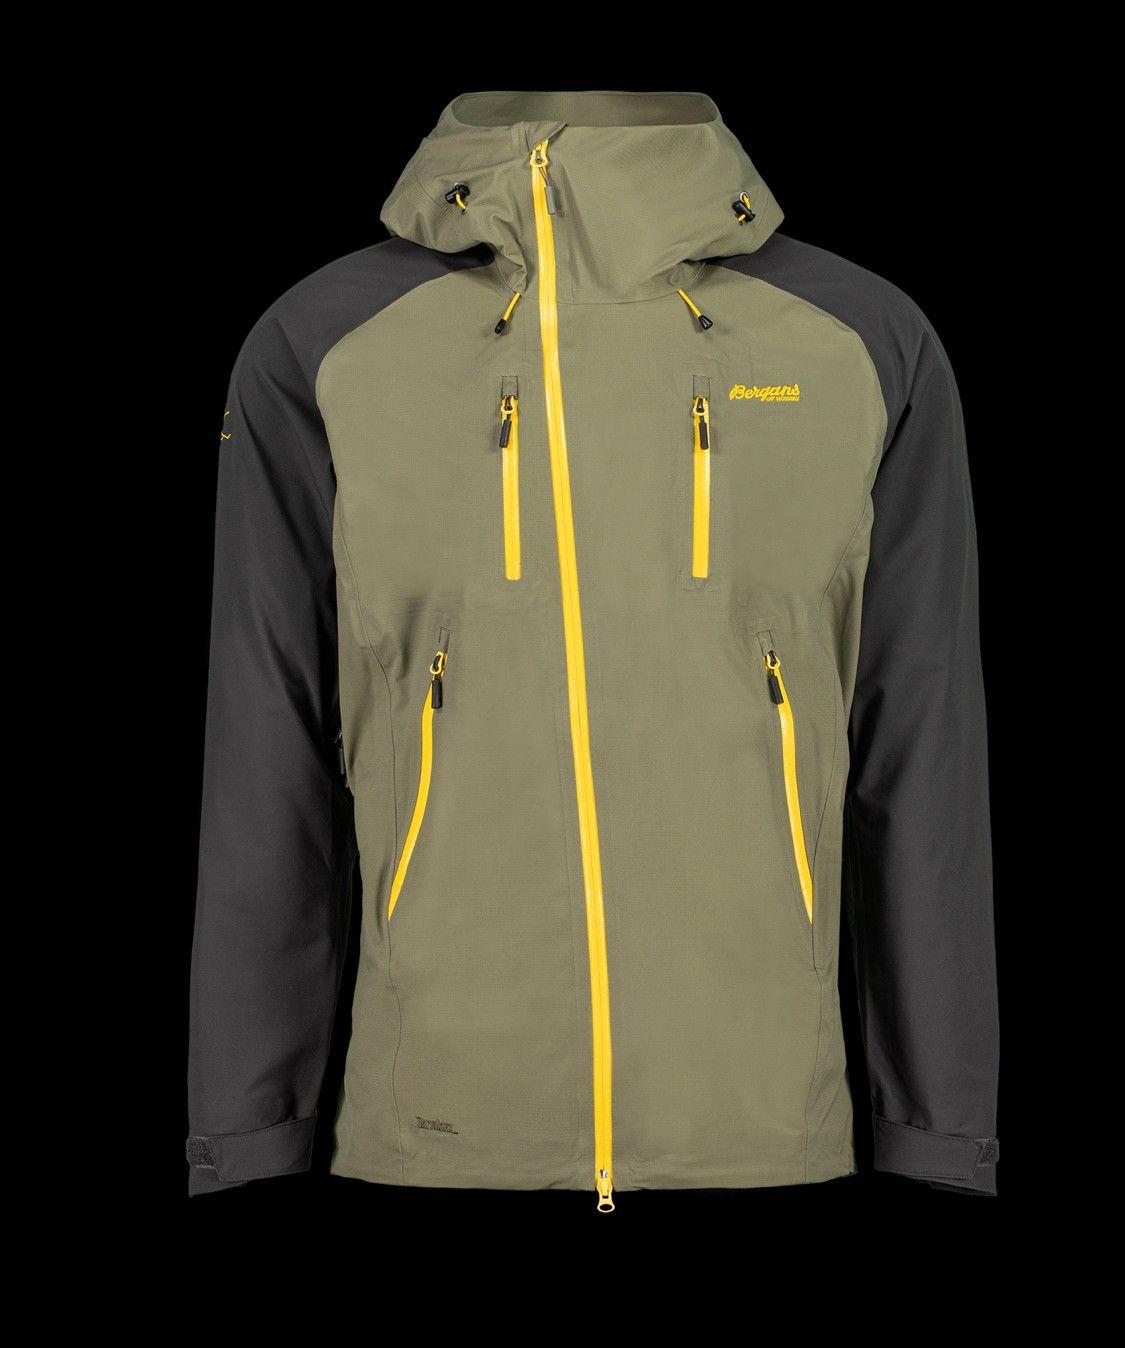 Romsdal 3L Jacket, skalljakke herre